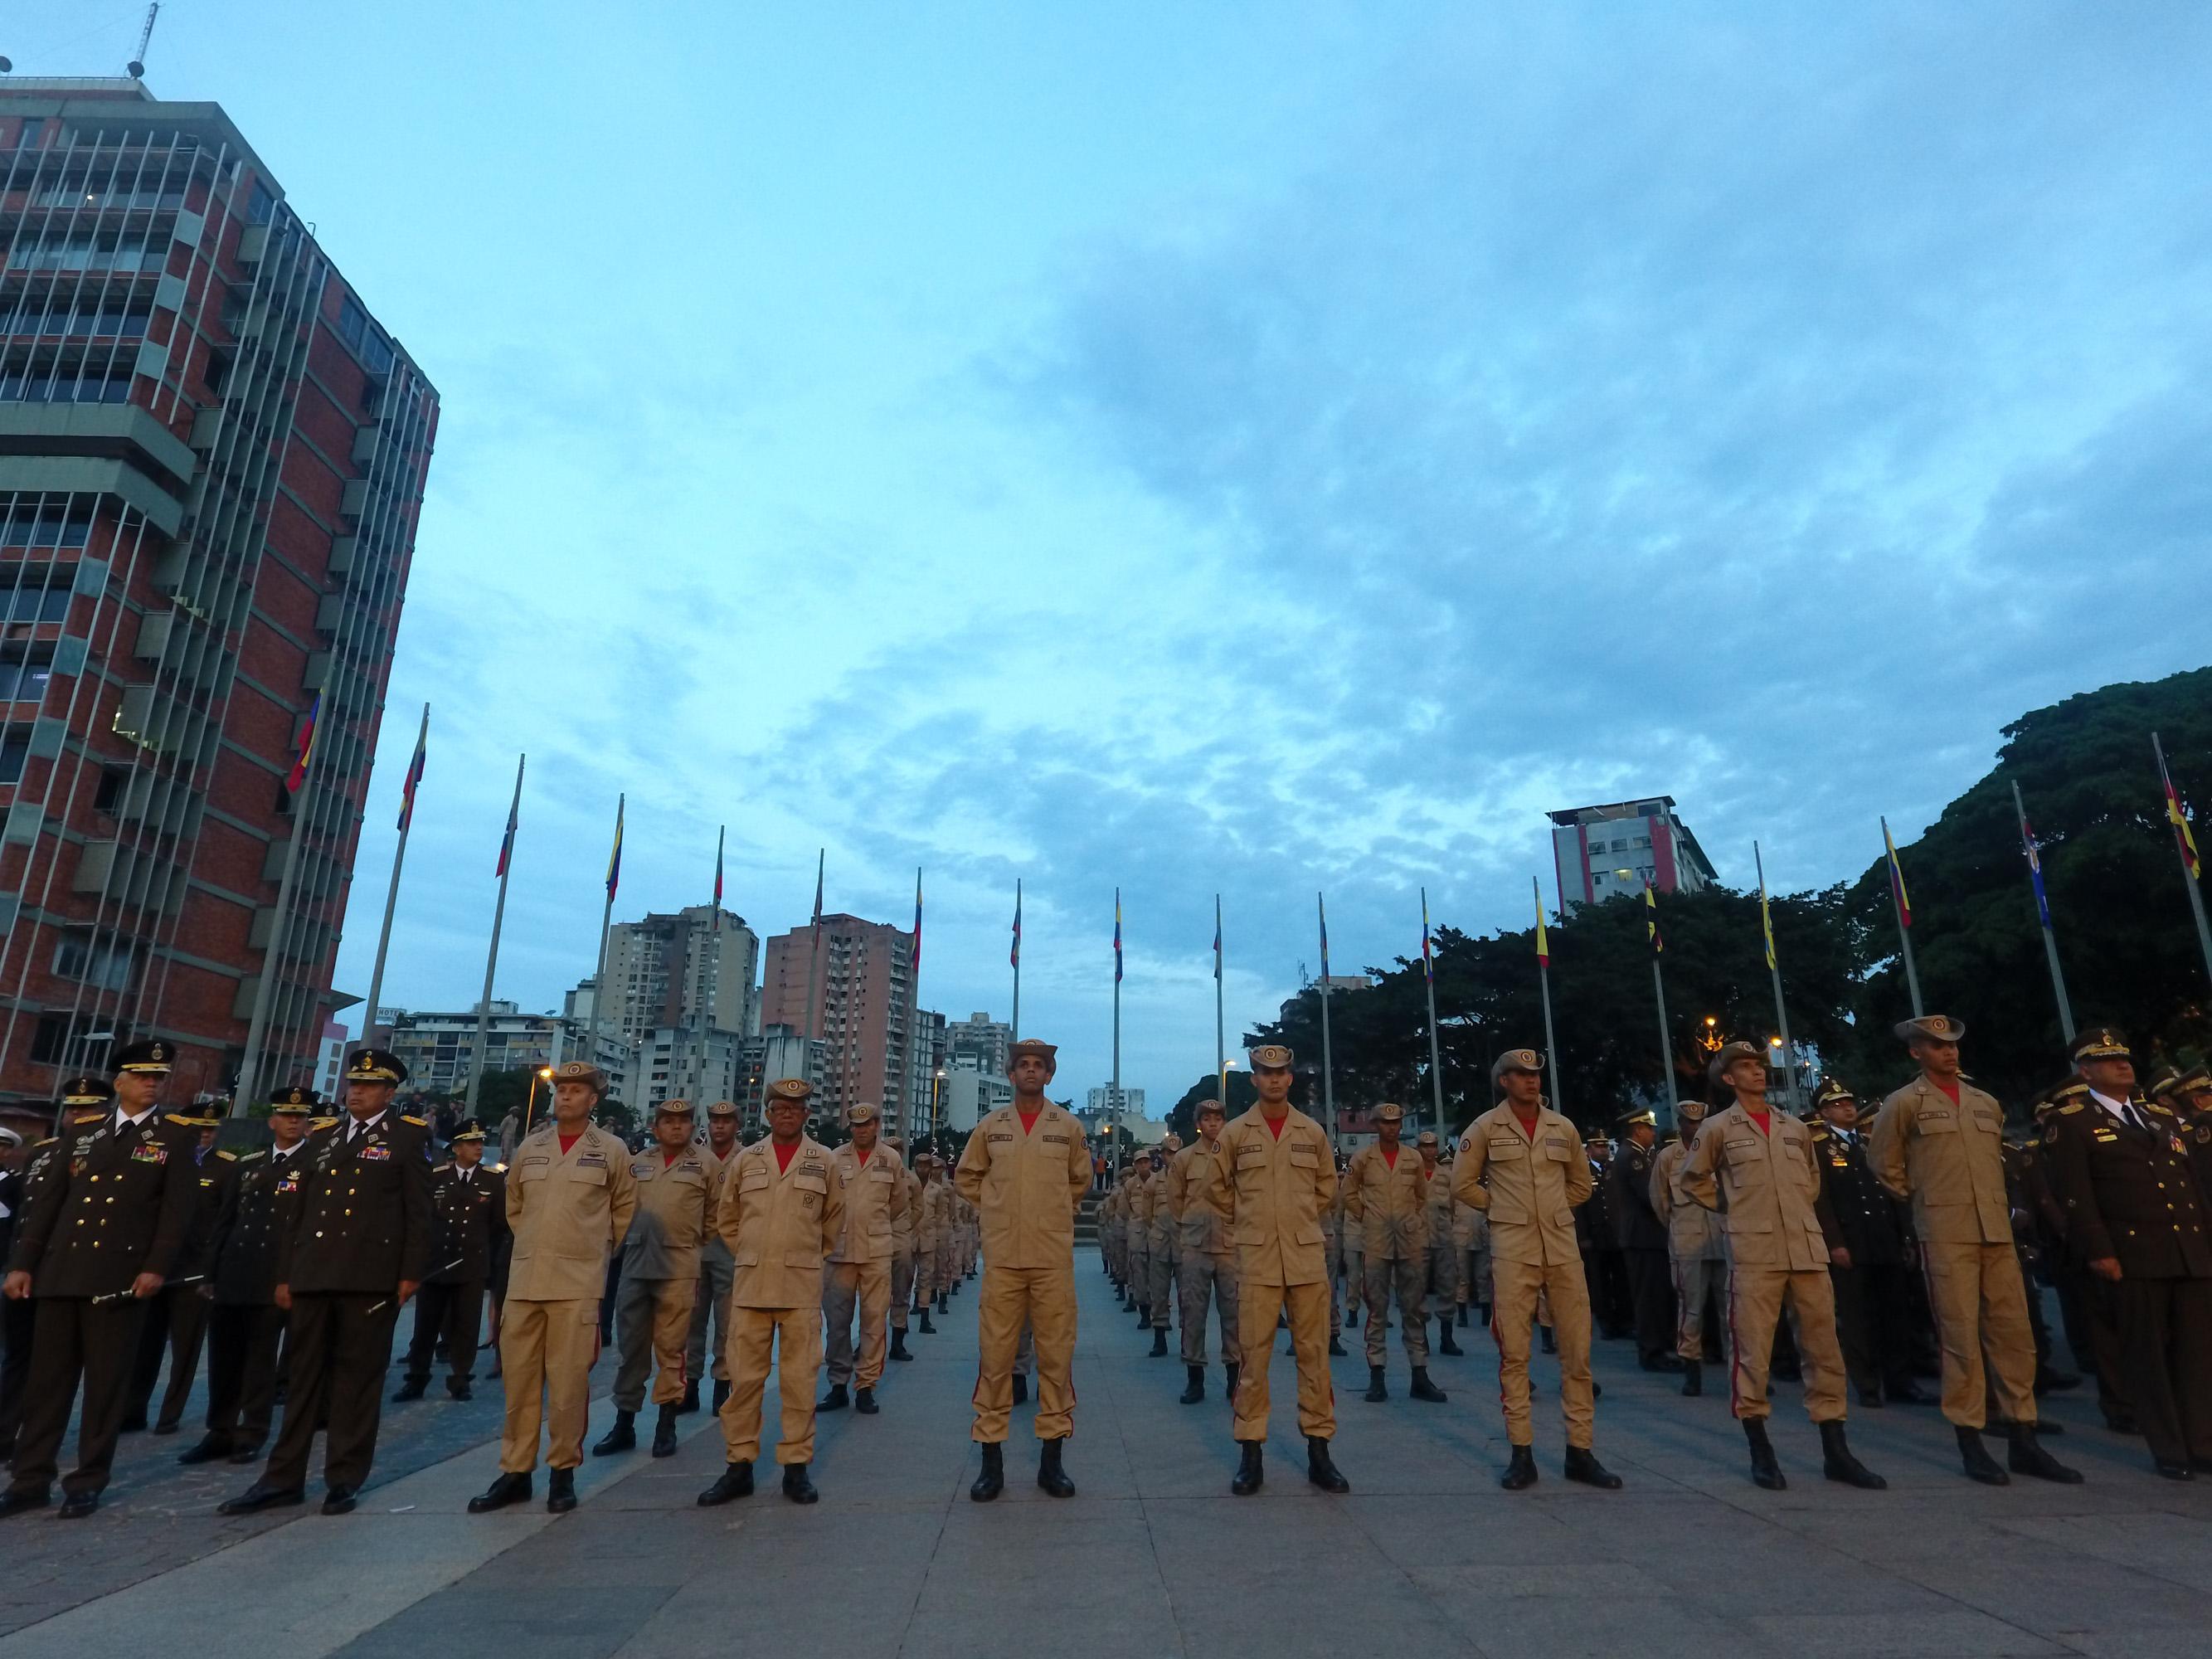 Presidente Maduro: Tricolor patrio es símbolo histórico de lucha soberana y antiimperialista